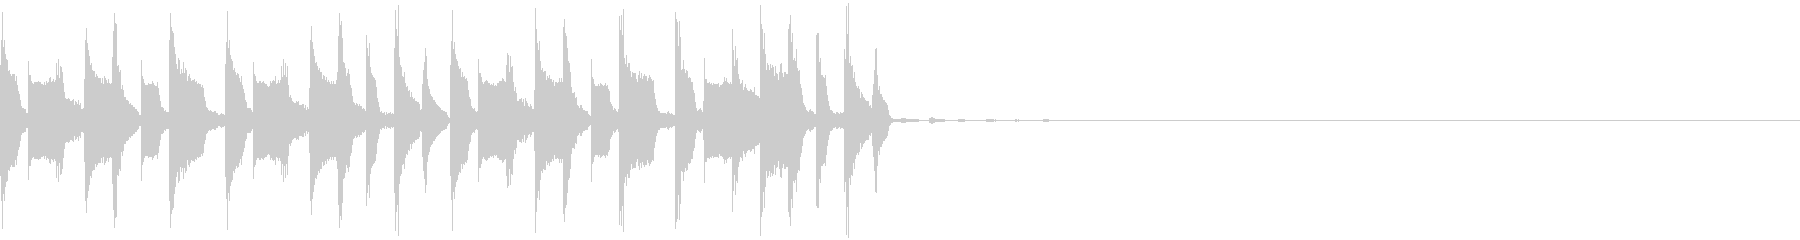 スローなトラップジングル5の未再生の波形